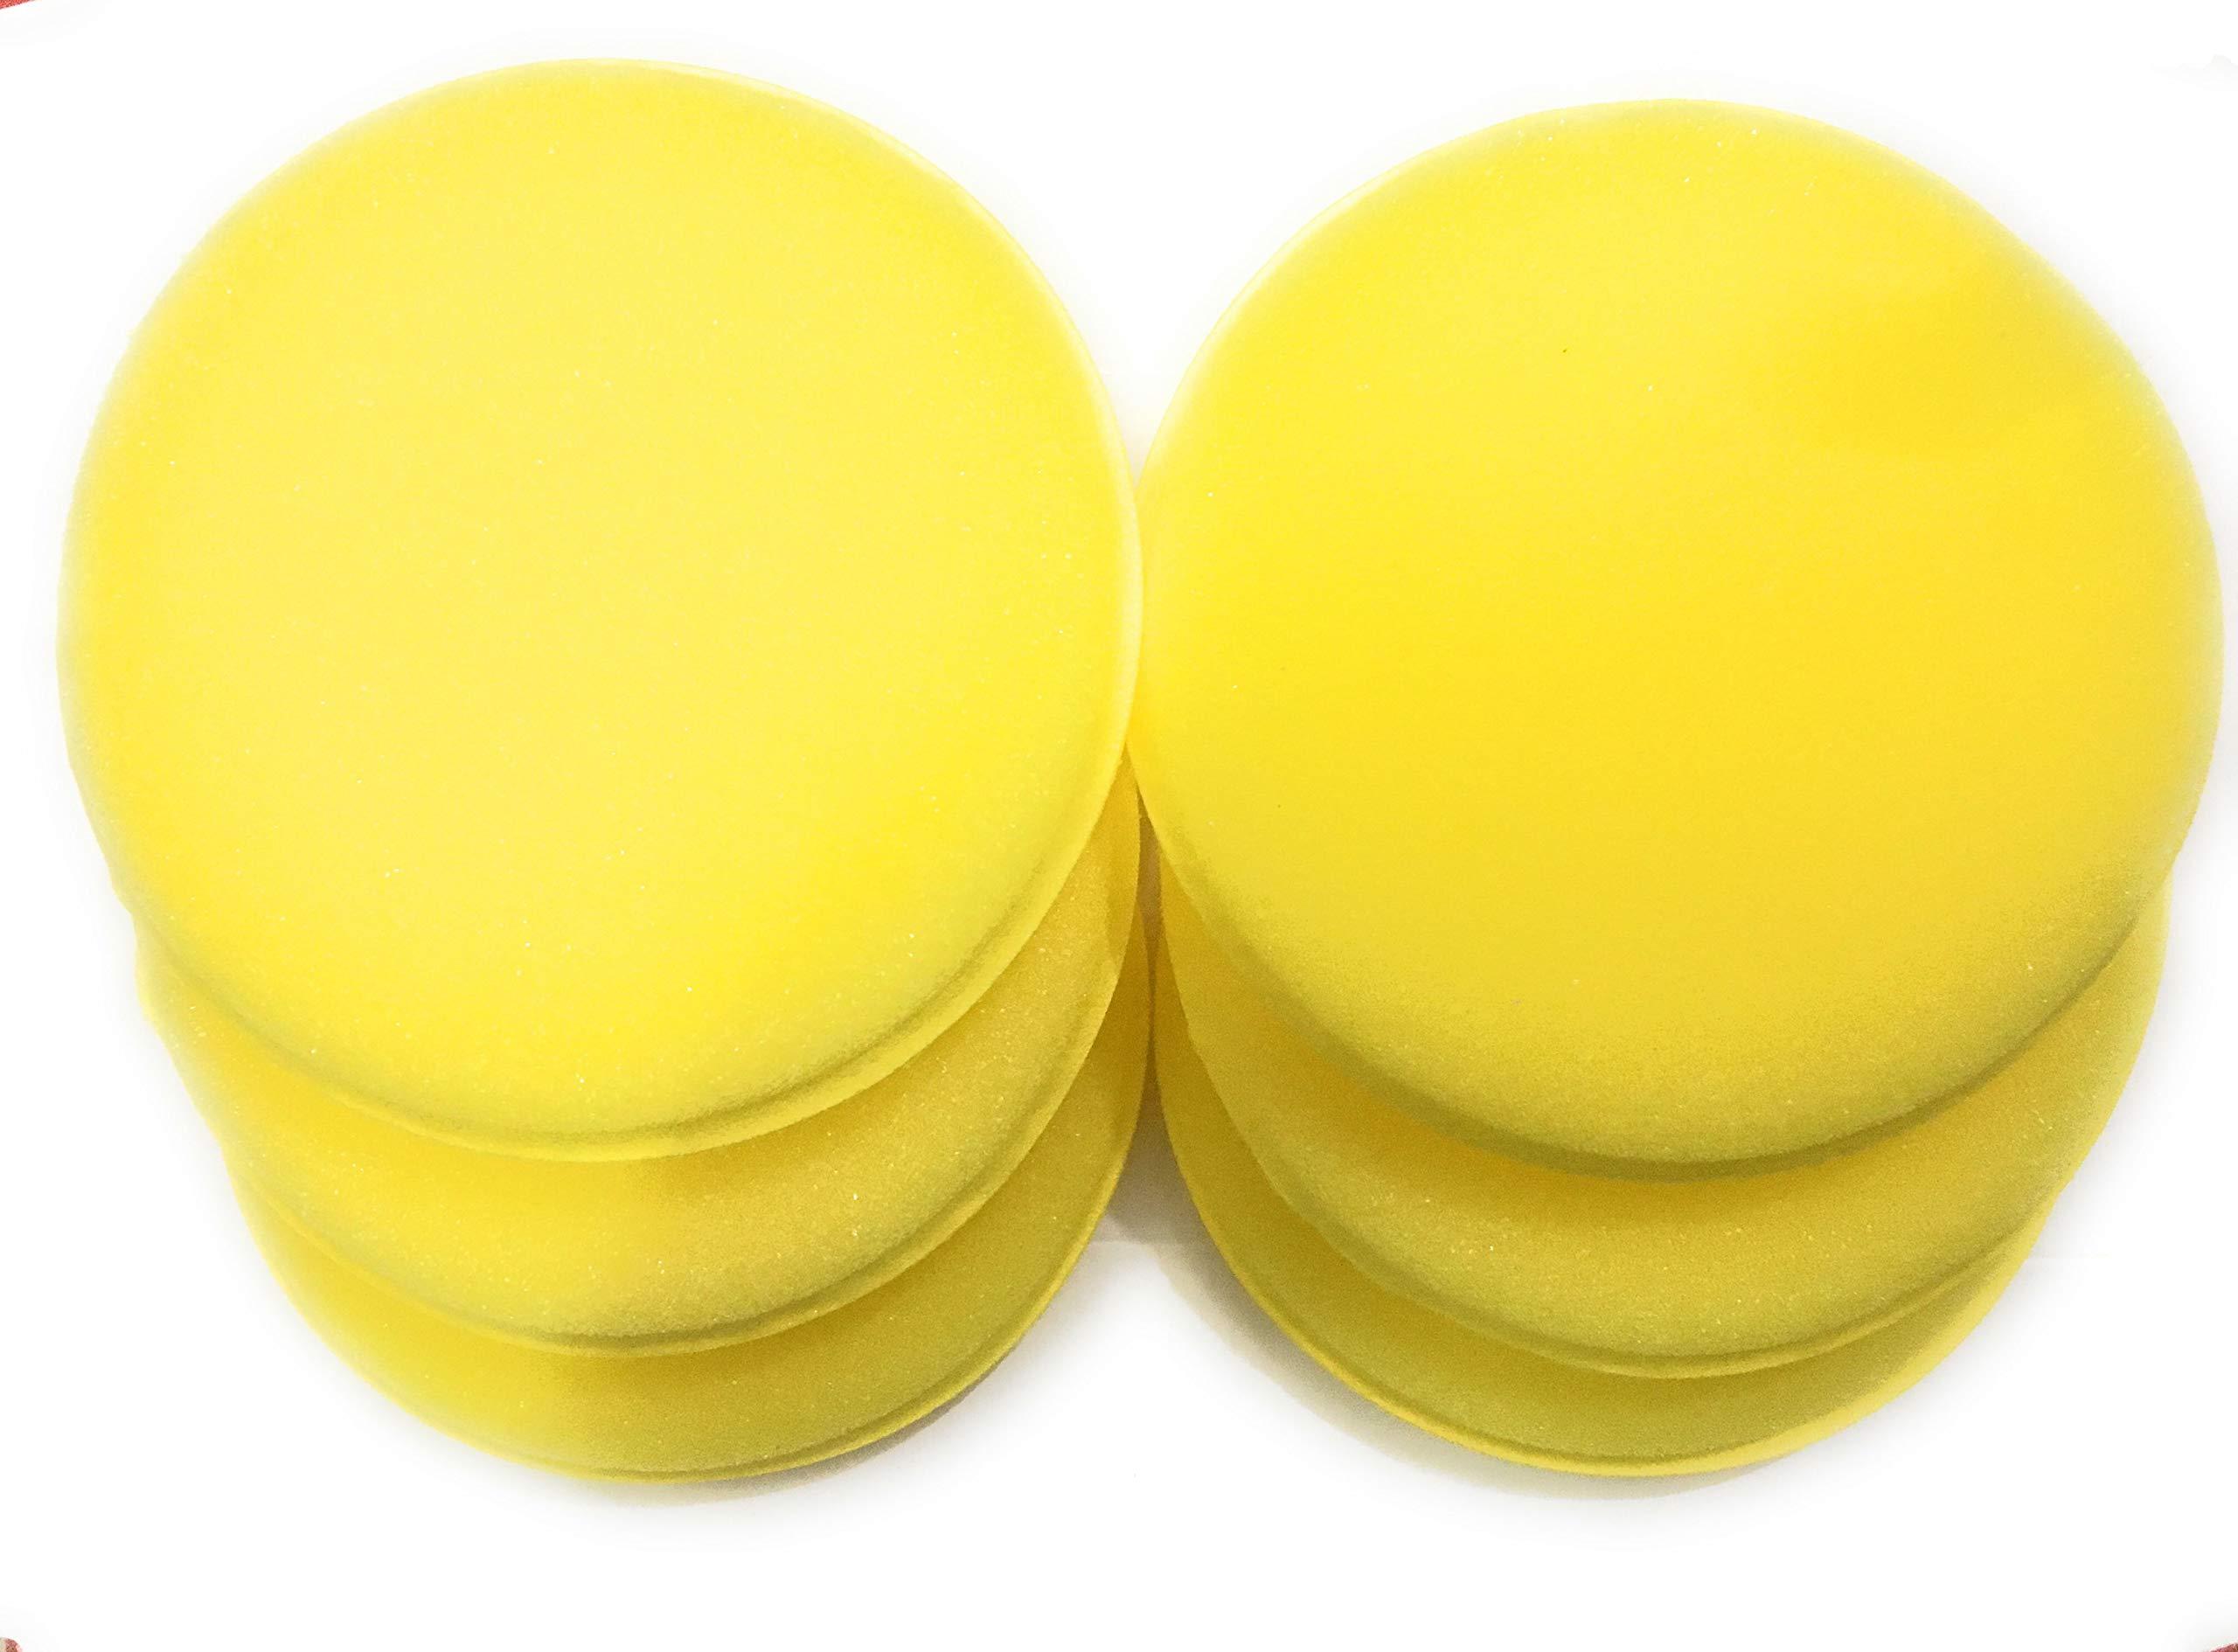 Car Care Microfiber Applicator Pads - Yellow - 6 Pack